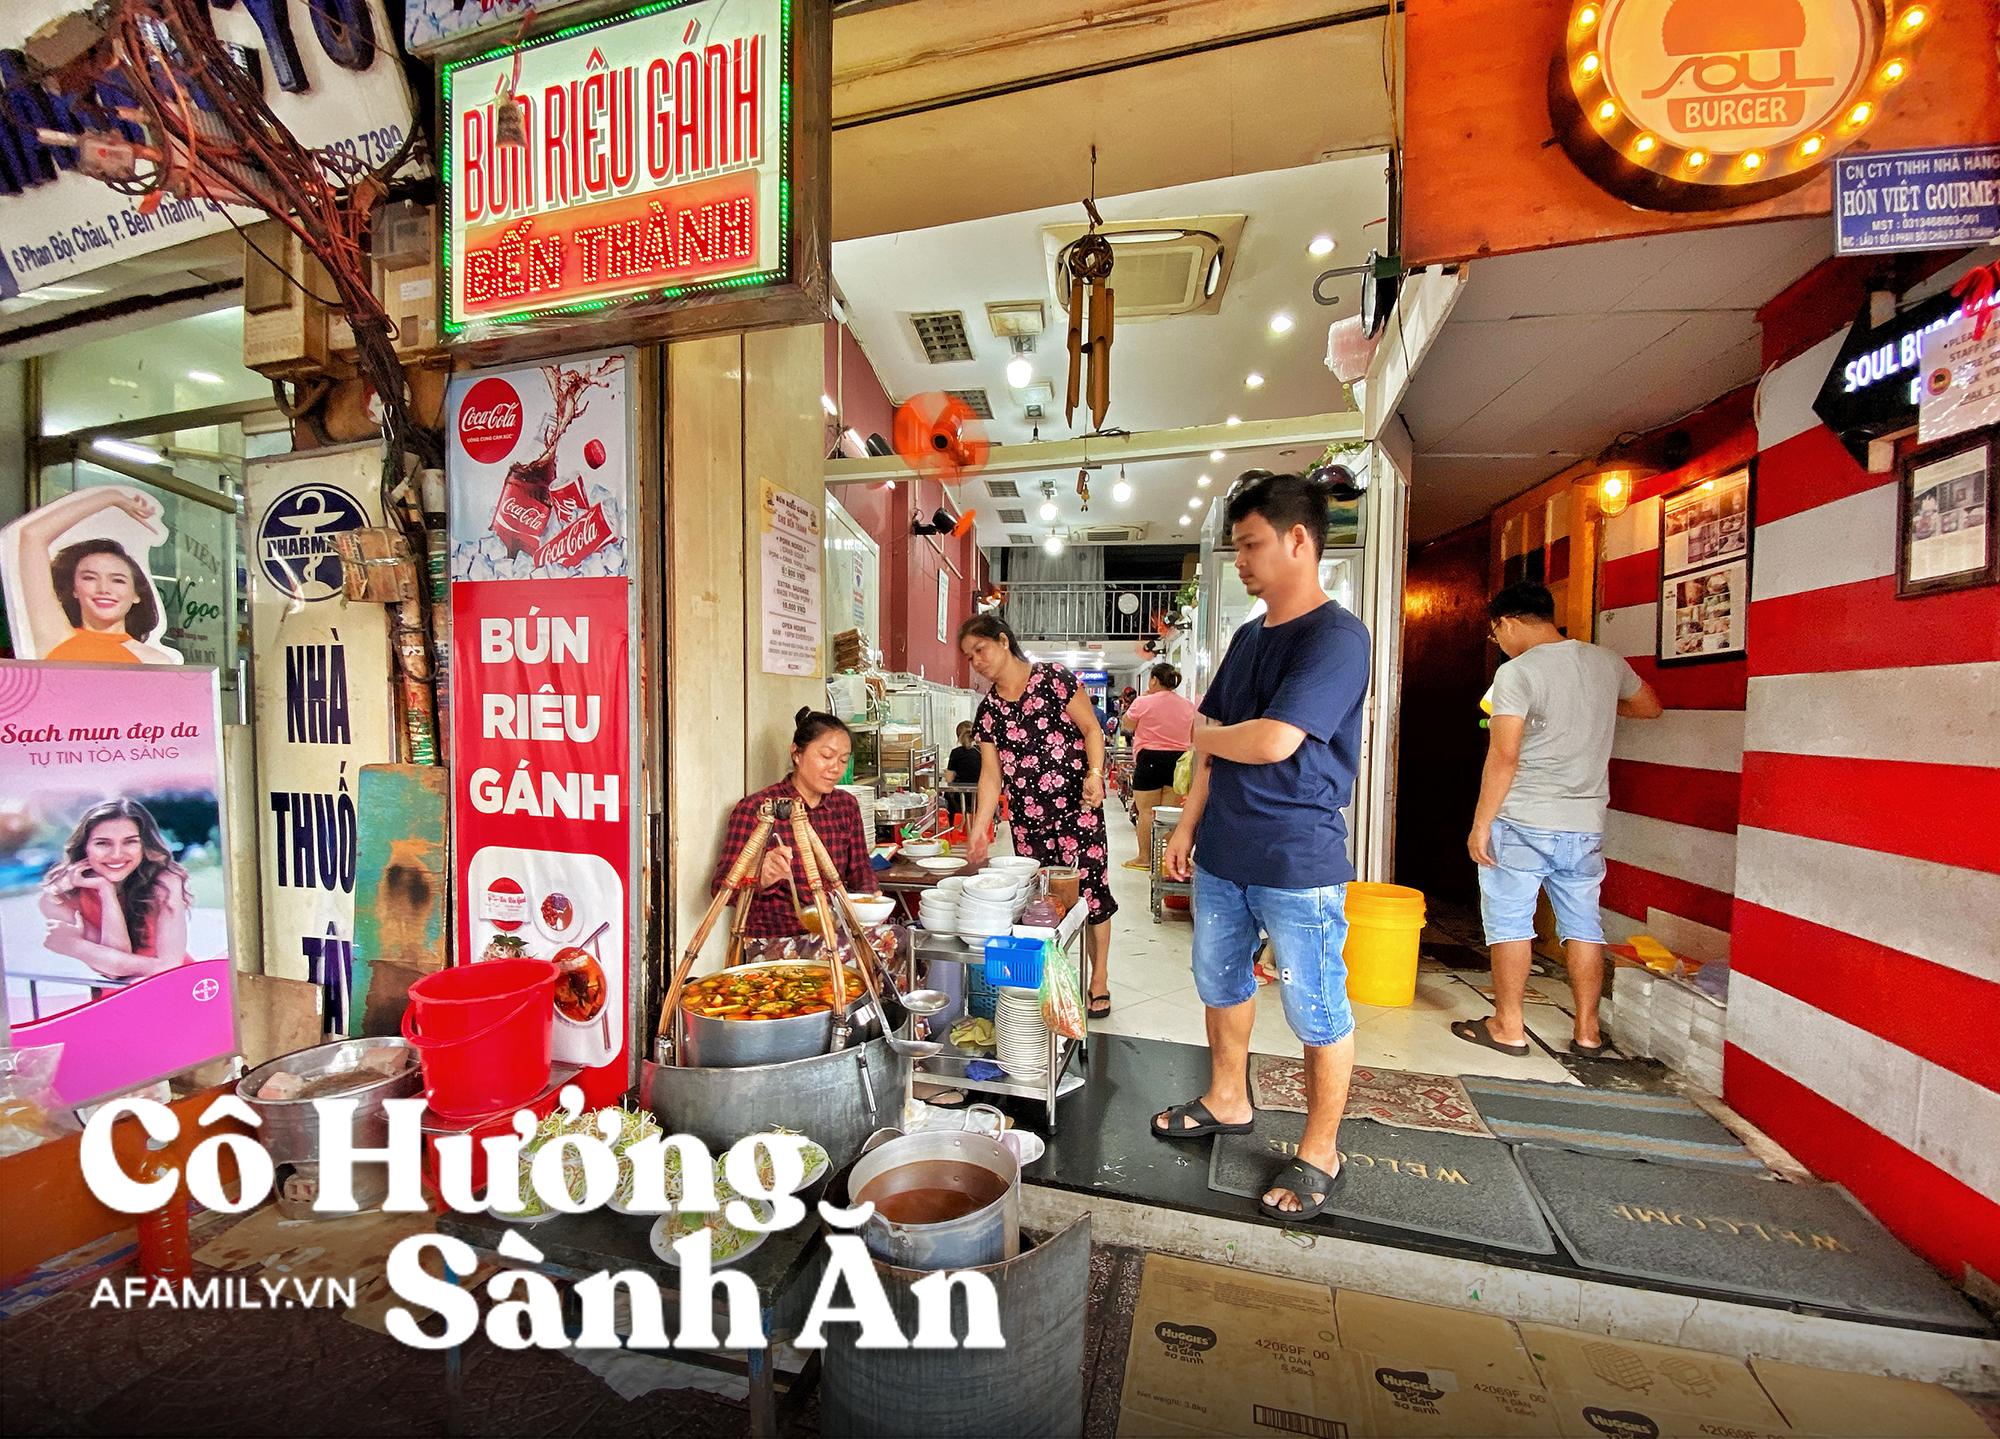 """Bún Riêu Gánh - từ một gánh hàng rong sau hơn 40 năm trở thành """"bá chủ không địch thủ"""" tại Sài Gòn, mang tiếng sang chảnh nhưng cái gì cũng có giá của nó! - Ảnh 1."""